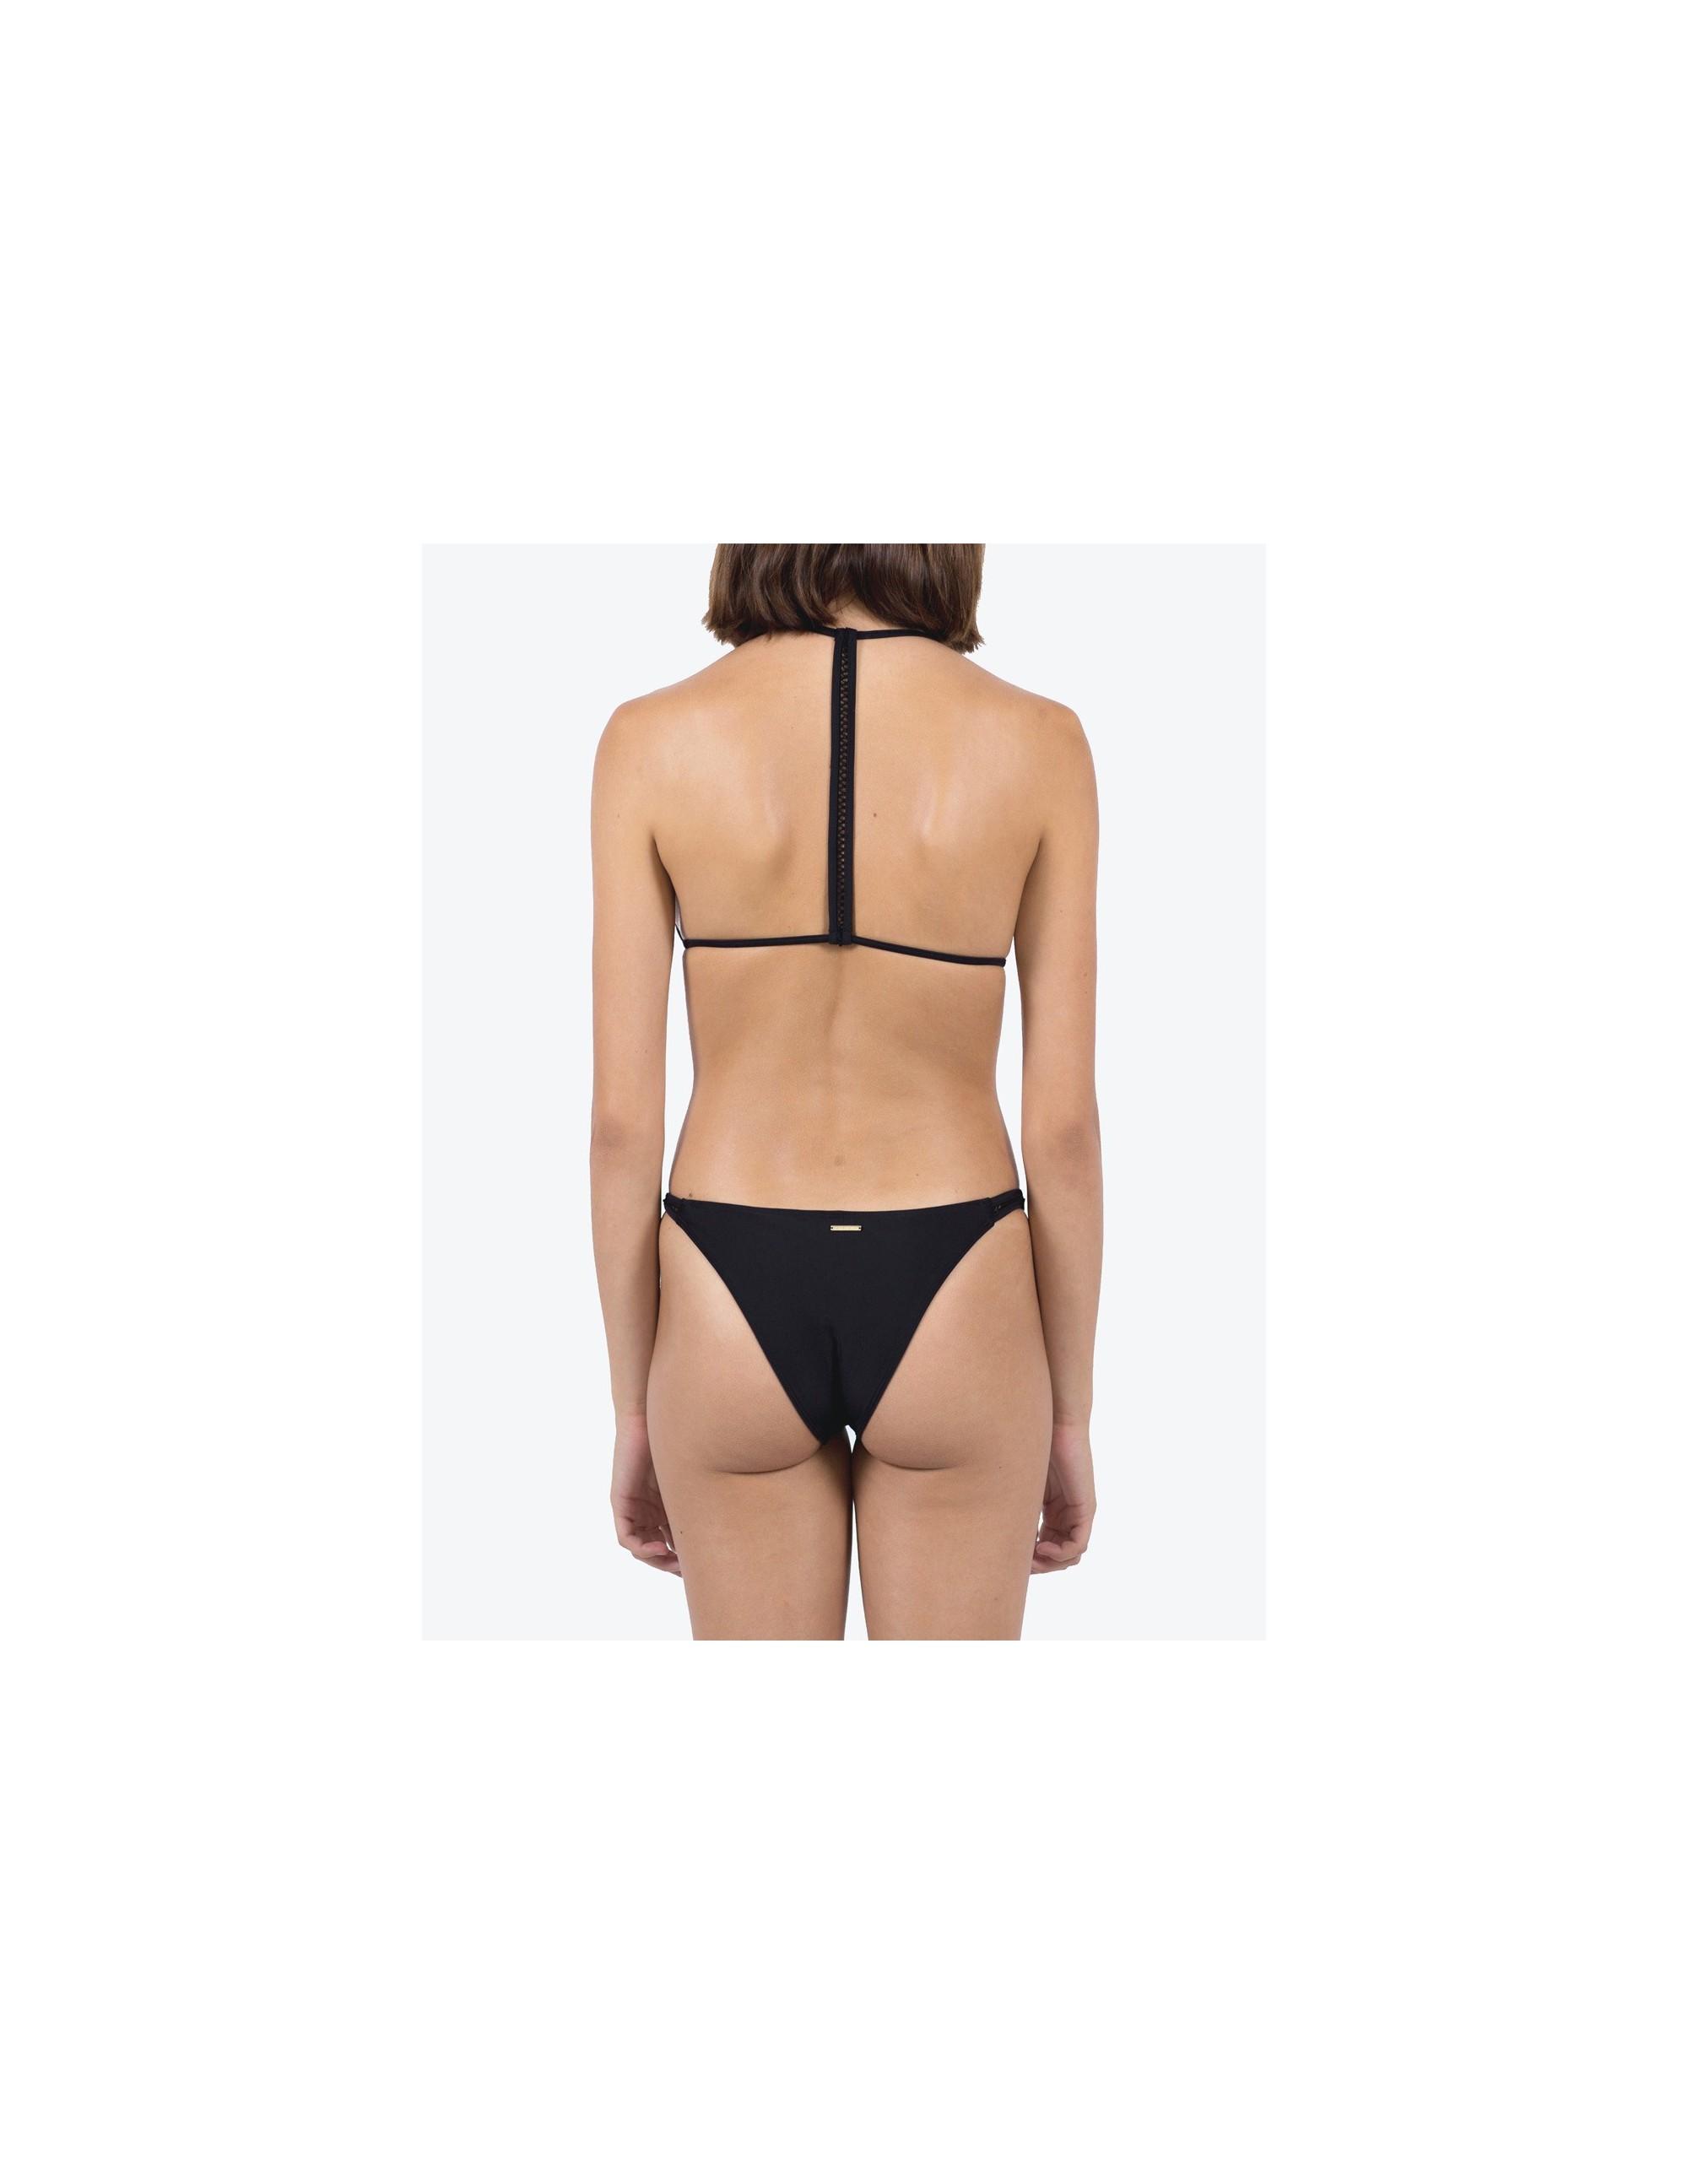 ANAMUR bikini top - MATTE BLACK